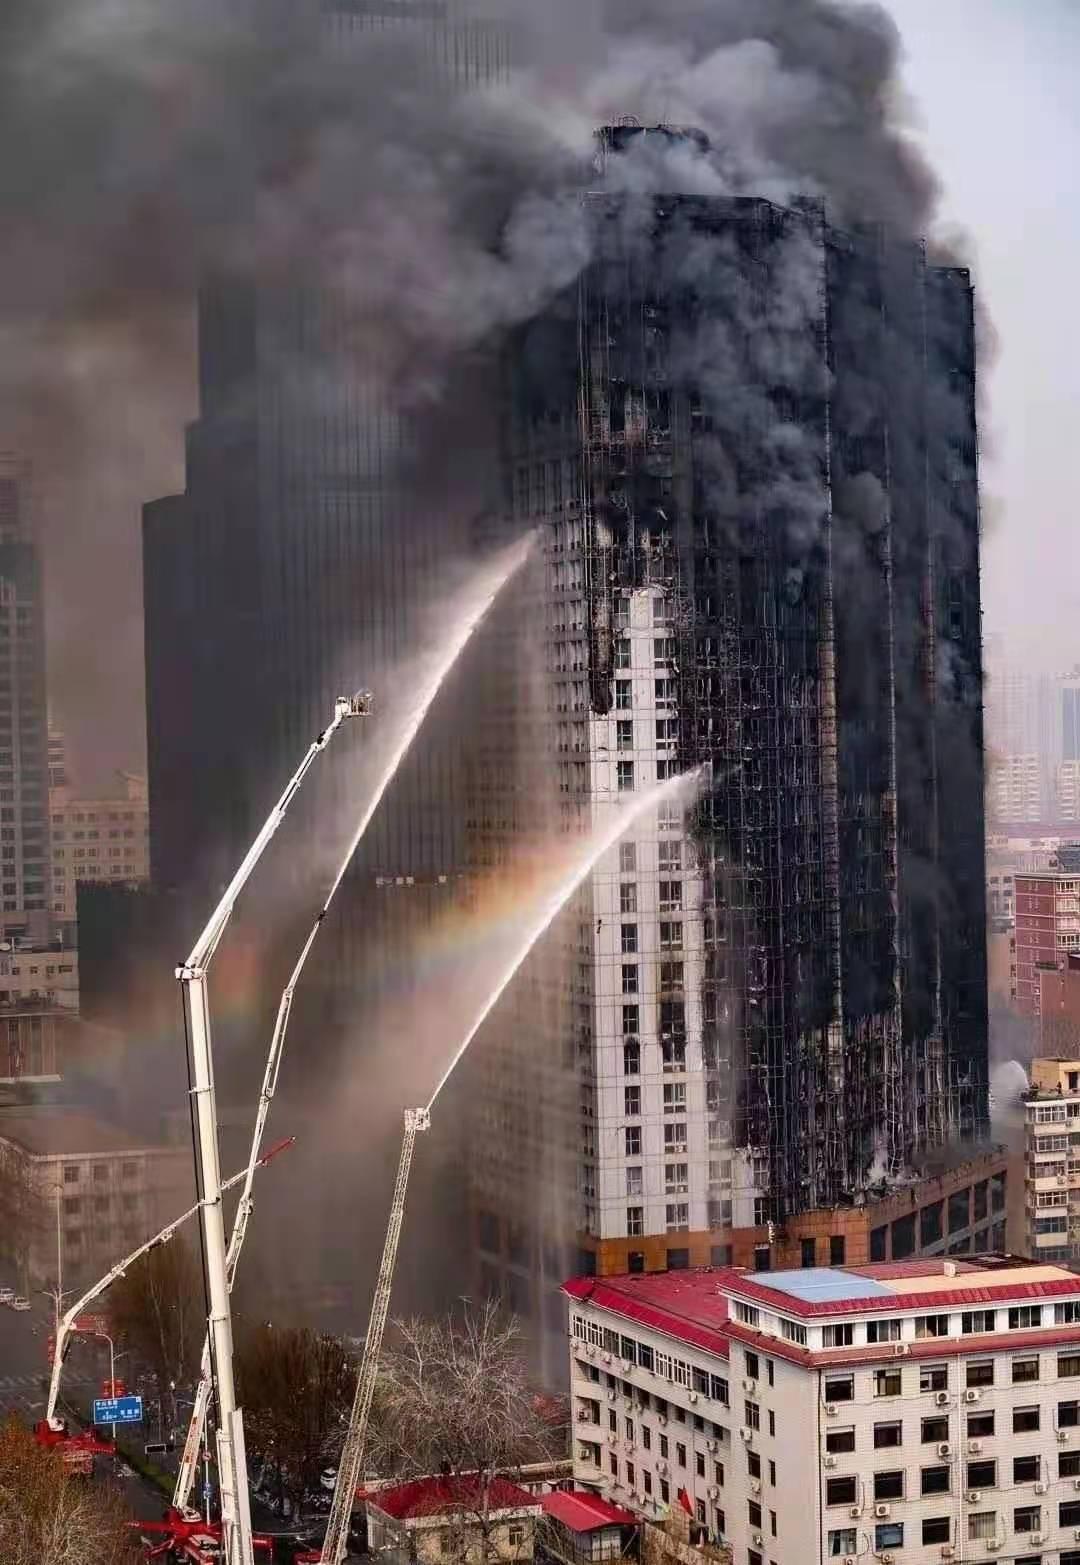 高层外墙起火.jpg